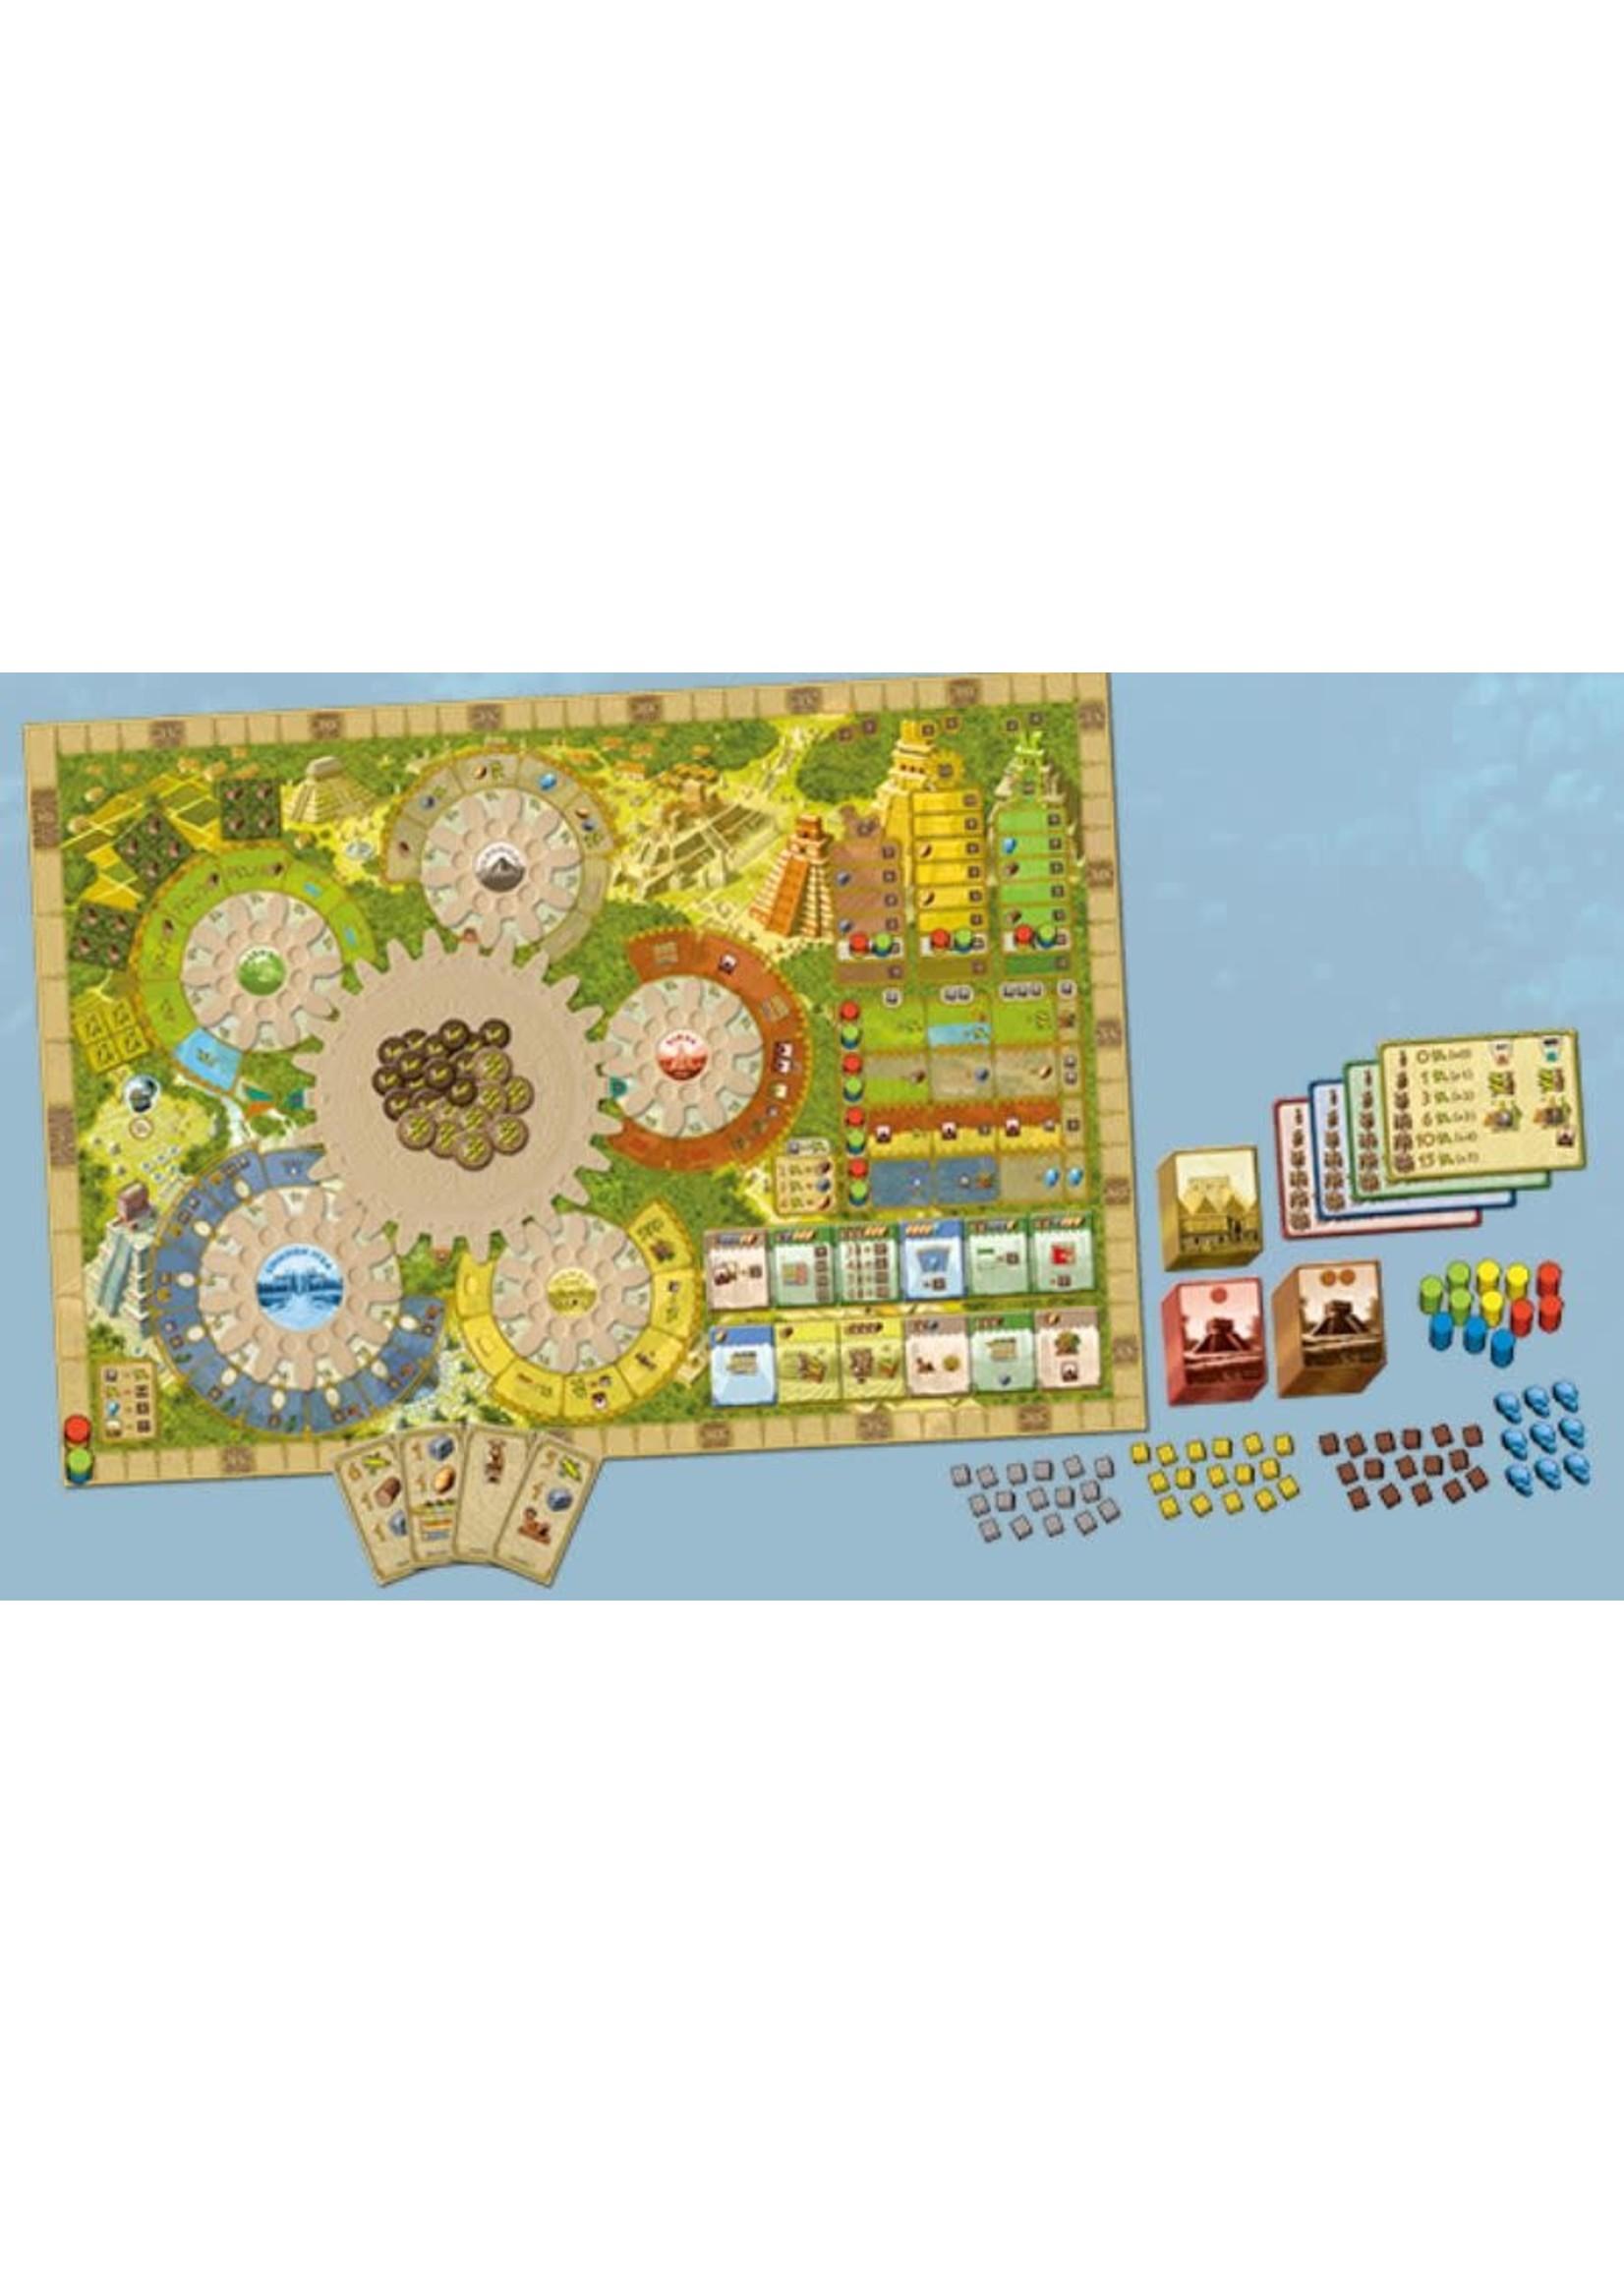 Czech Games Tzolk in The Mayan Calendar